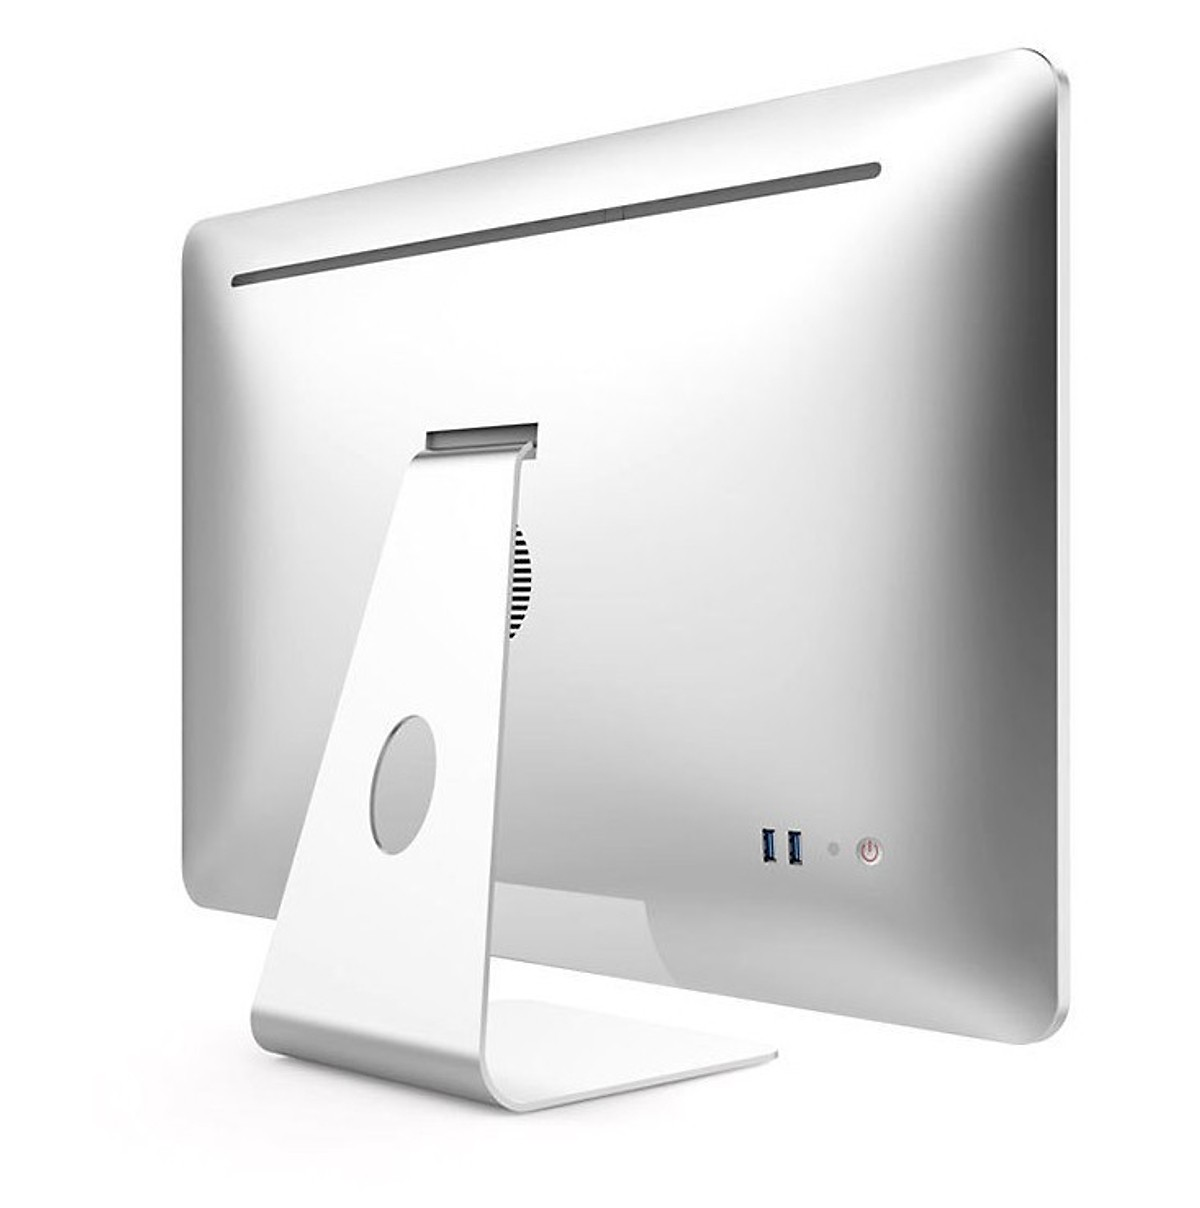 Bộ PC để bàn All in ONE (AIO) MCC8162 Home Office Computer CPU i3 8100/Ram16G/SSD240G/22inch - Hàng Chính Hãng